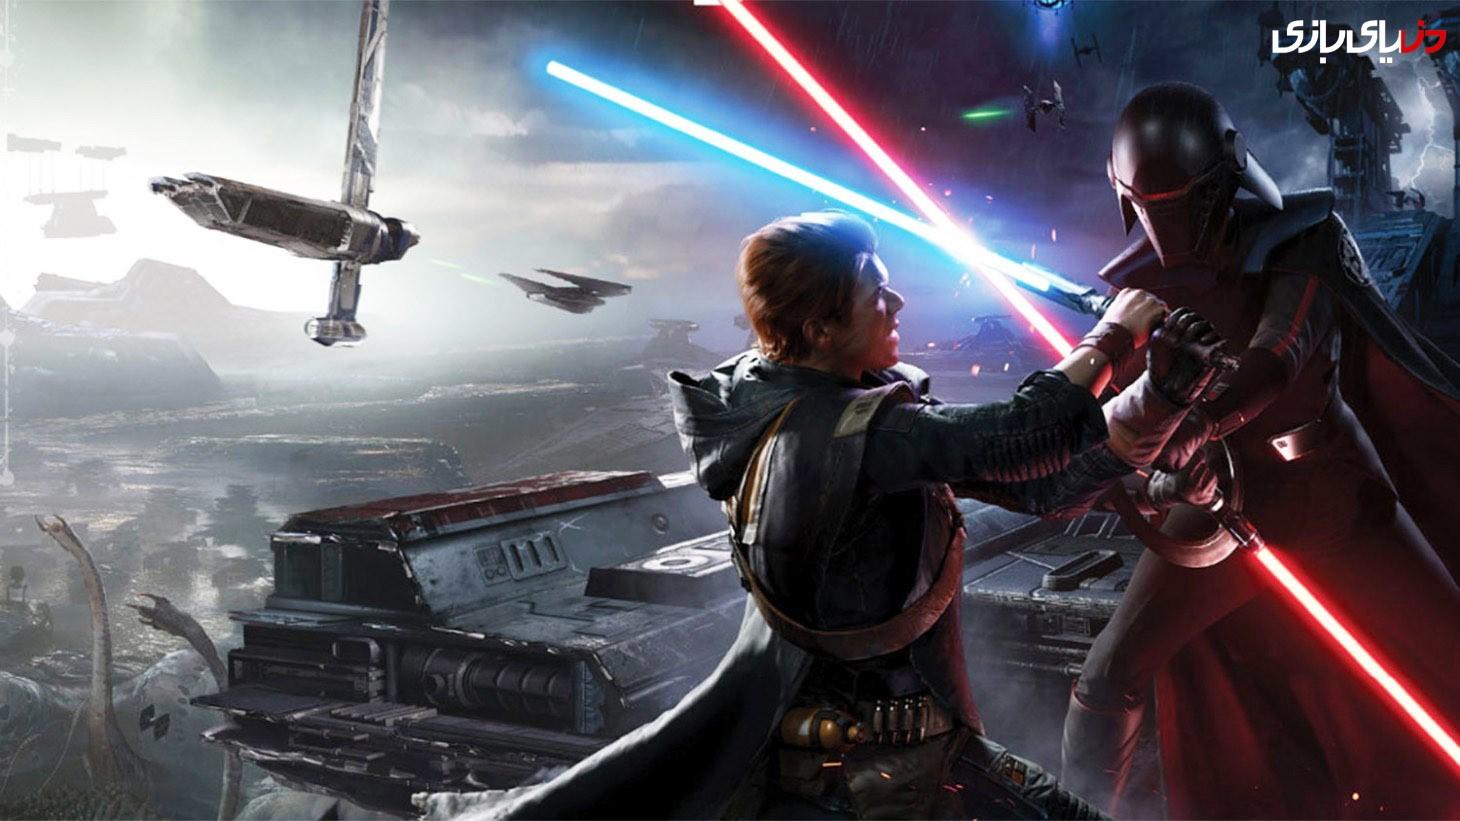 بررسی بازی Star Wars Jedi:Fallen Order